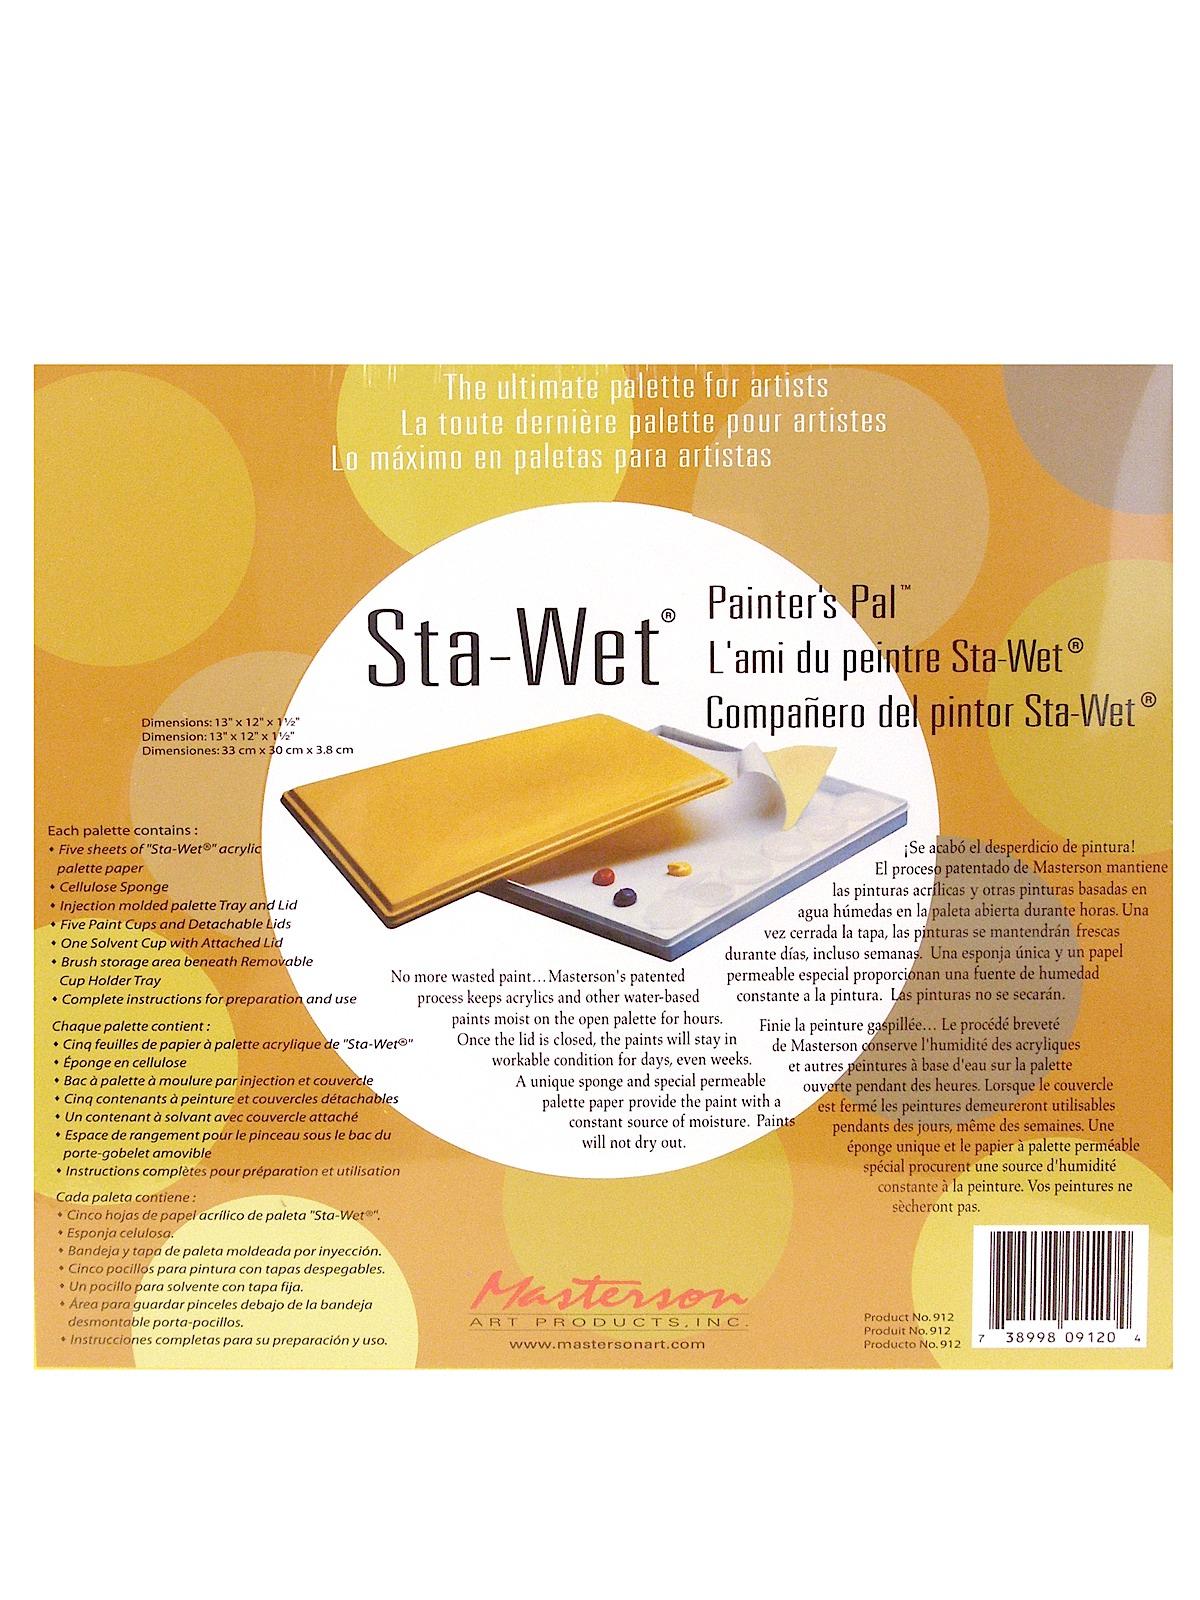 Masterson - Sta-Wet Painters Pal Palette